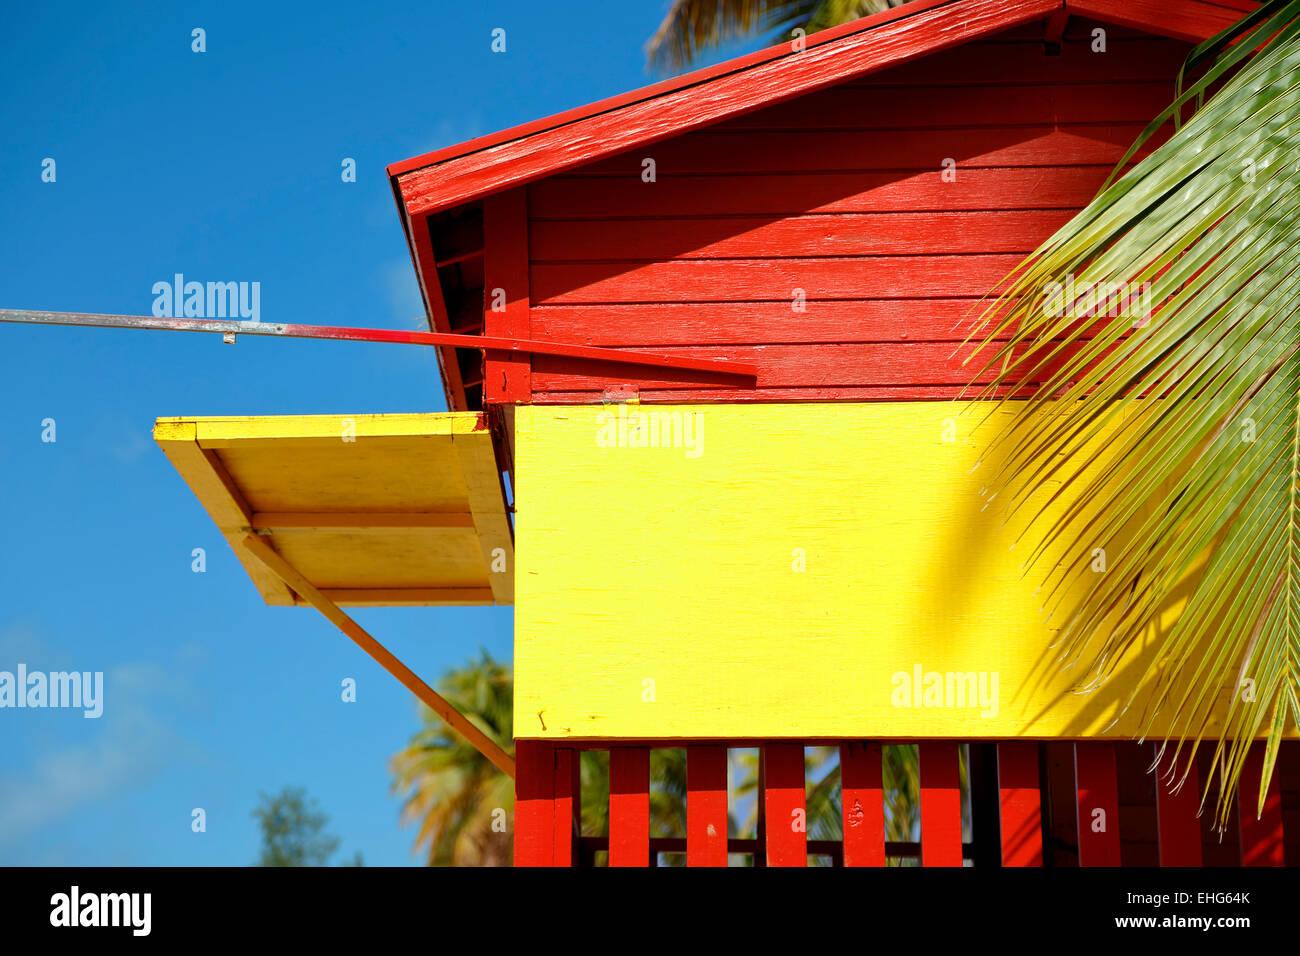 Rettungsschwimmer Haus, Luquillo Public Beach, Luquillo, Puerto Rico Stockbild